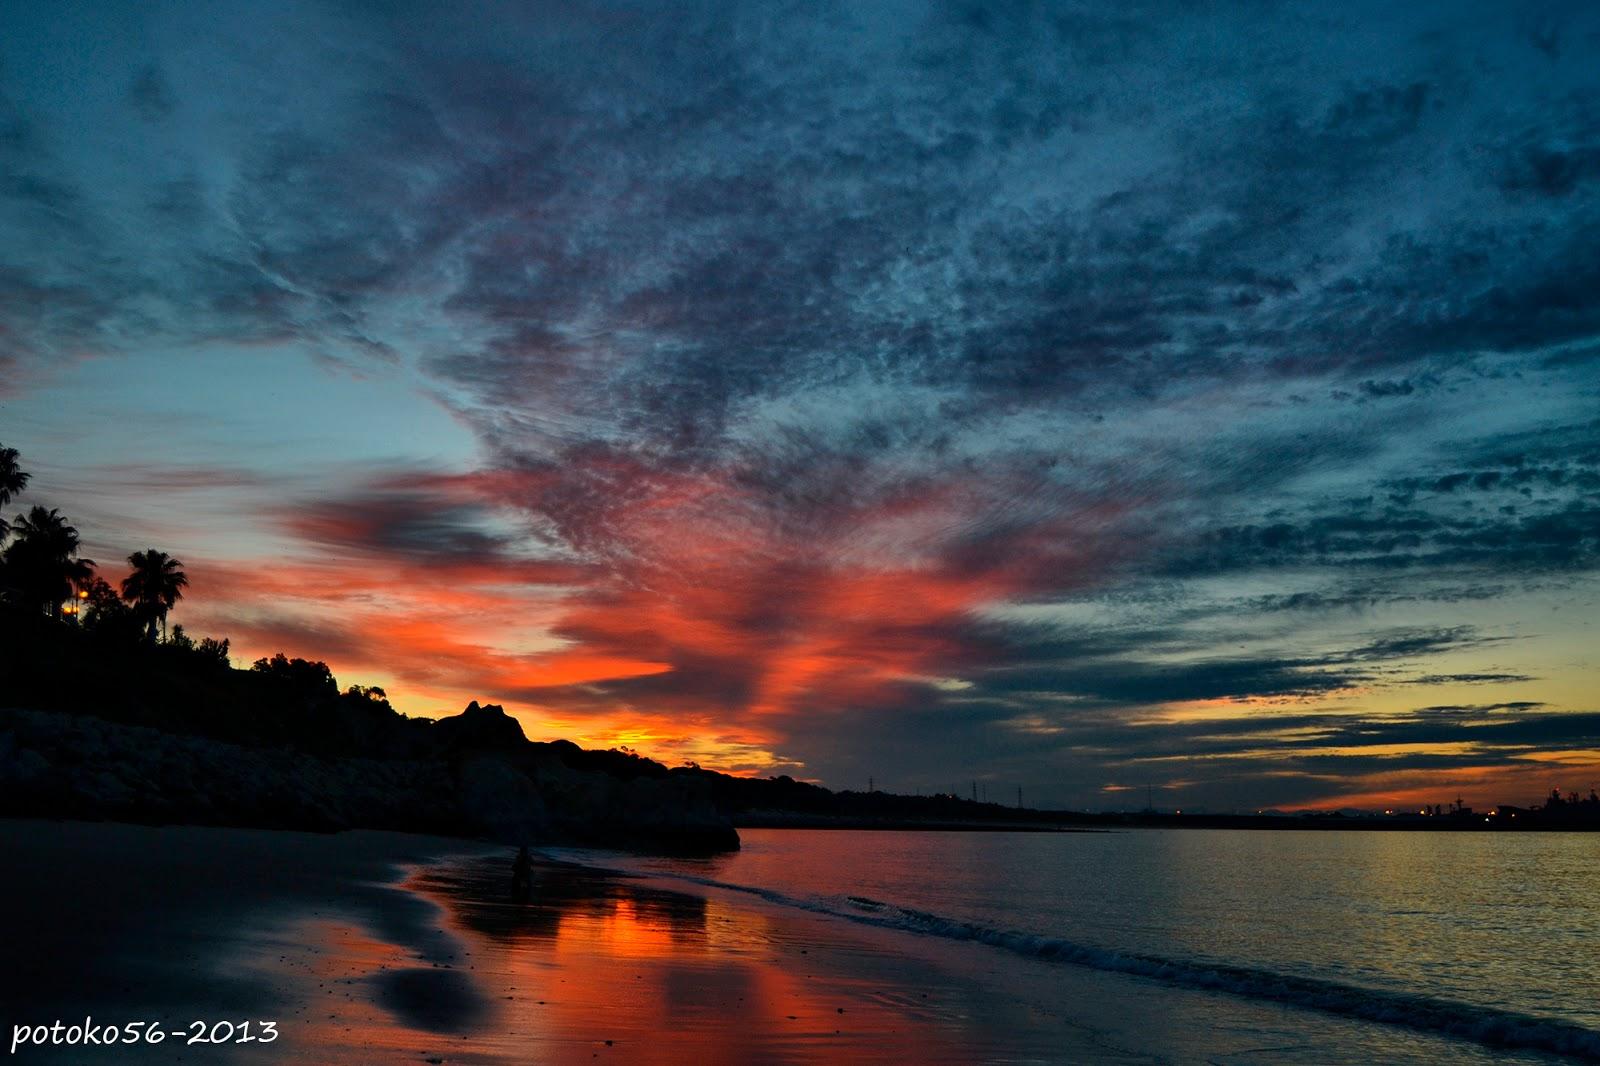 Un color especial el amanecer de Rota